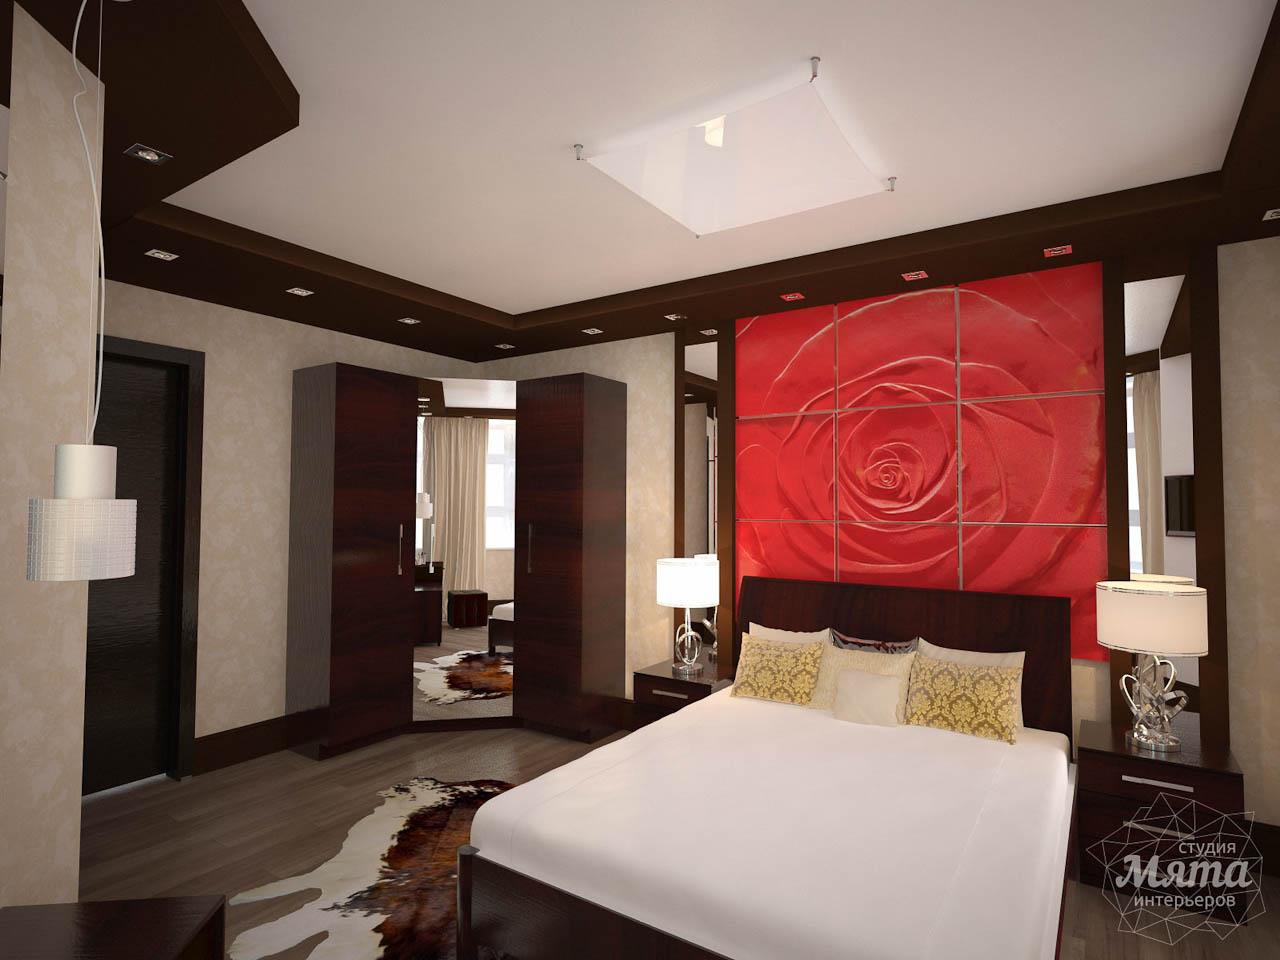 Дизайн интерьера трехкомнатной квартиры по ул. Белинского 222 img1071651637